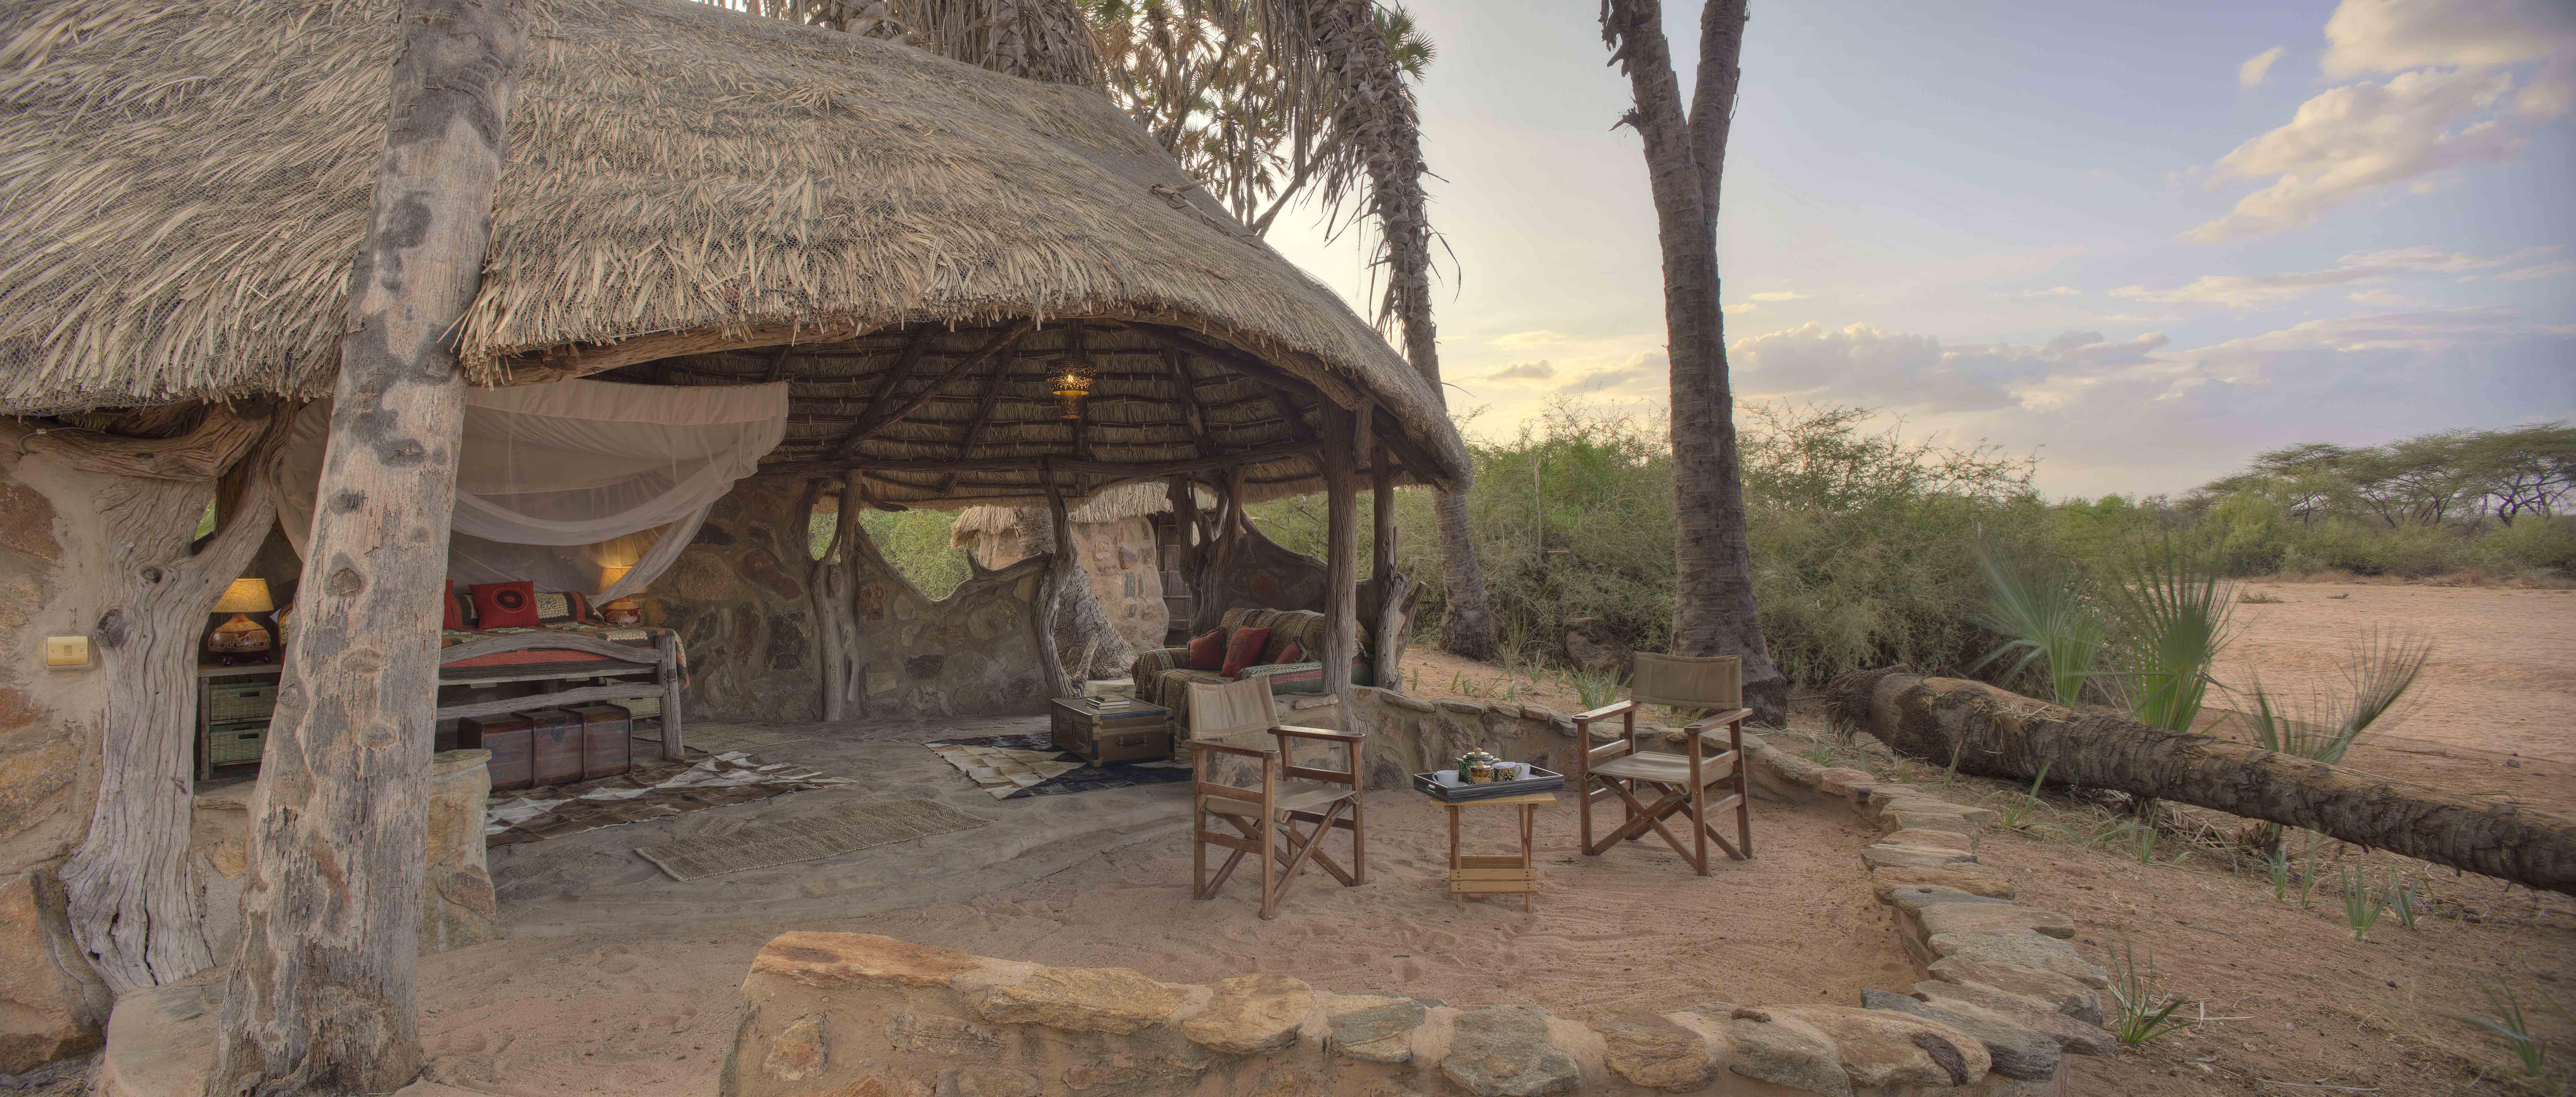 Banda 1 Verandah at Saruni Rhino